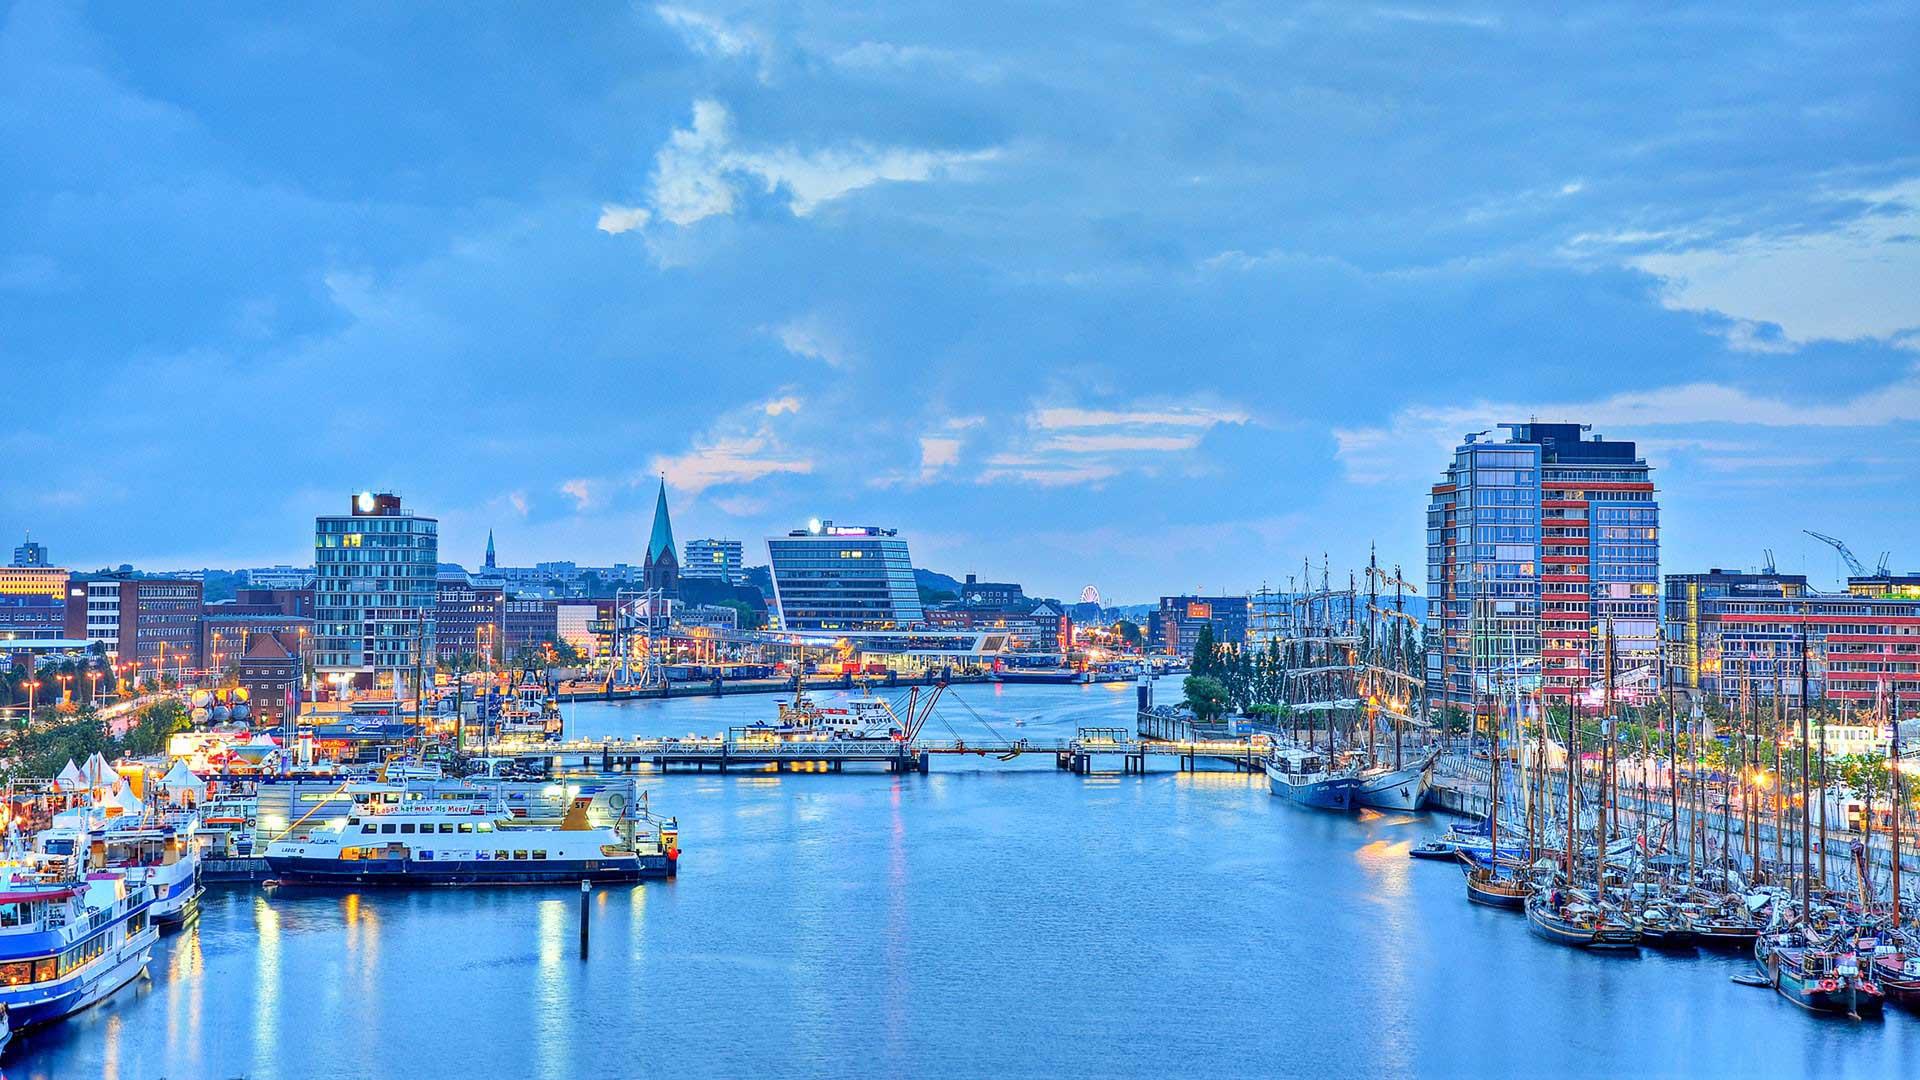 Die Kiel Medical Academy bietet Fortbildungen für Ärzte in ästhetischer Medizin und Praxismanagement an.